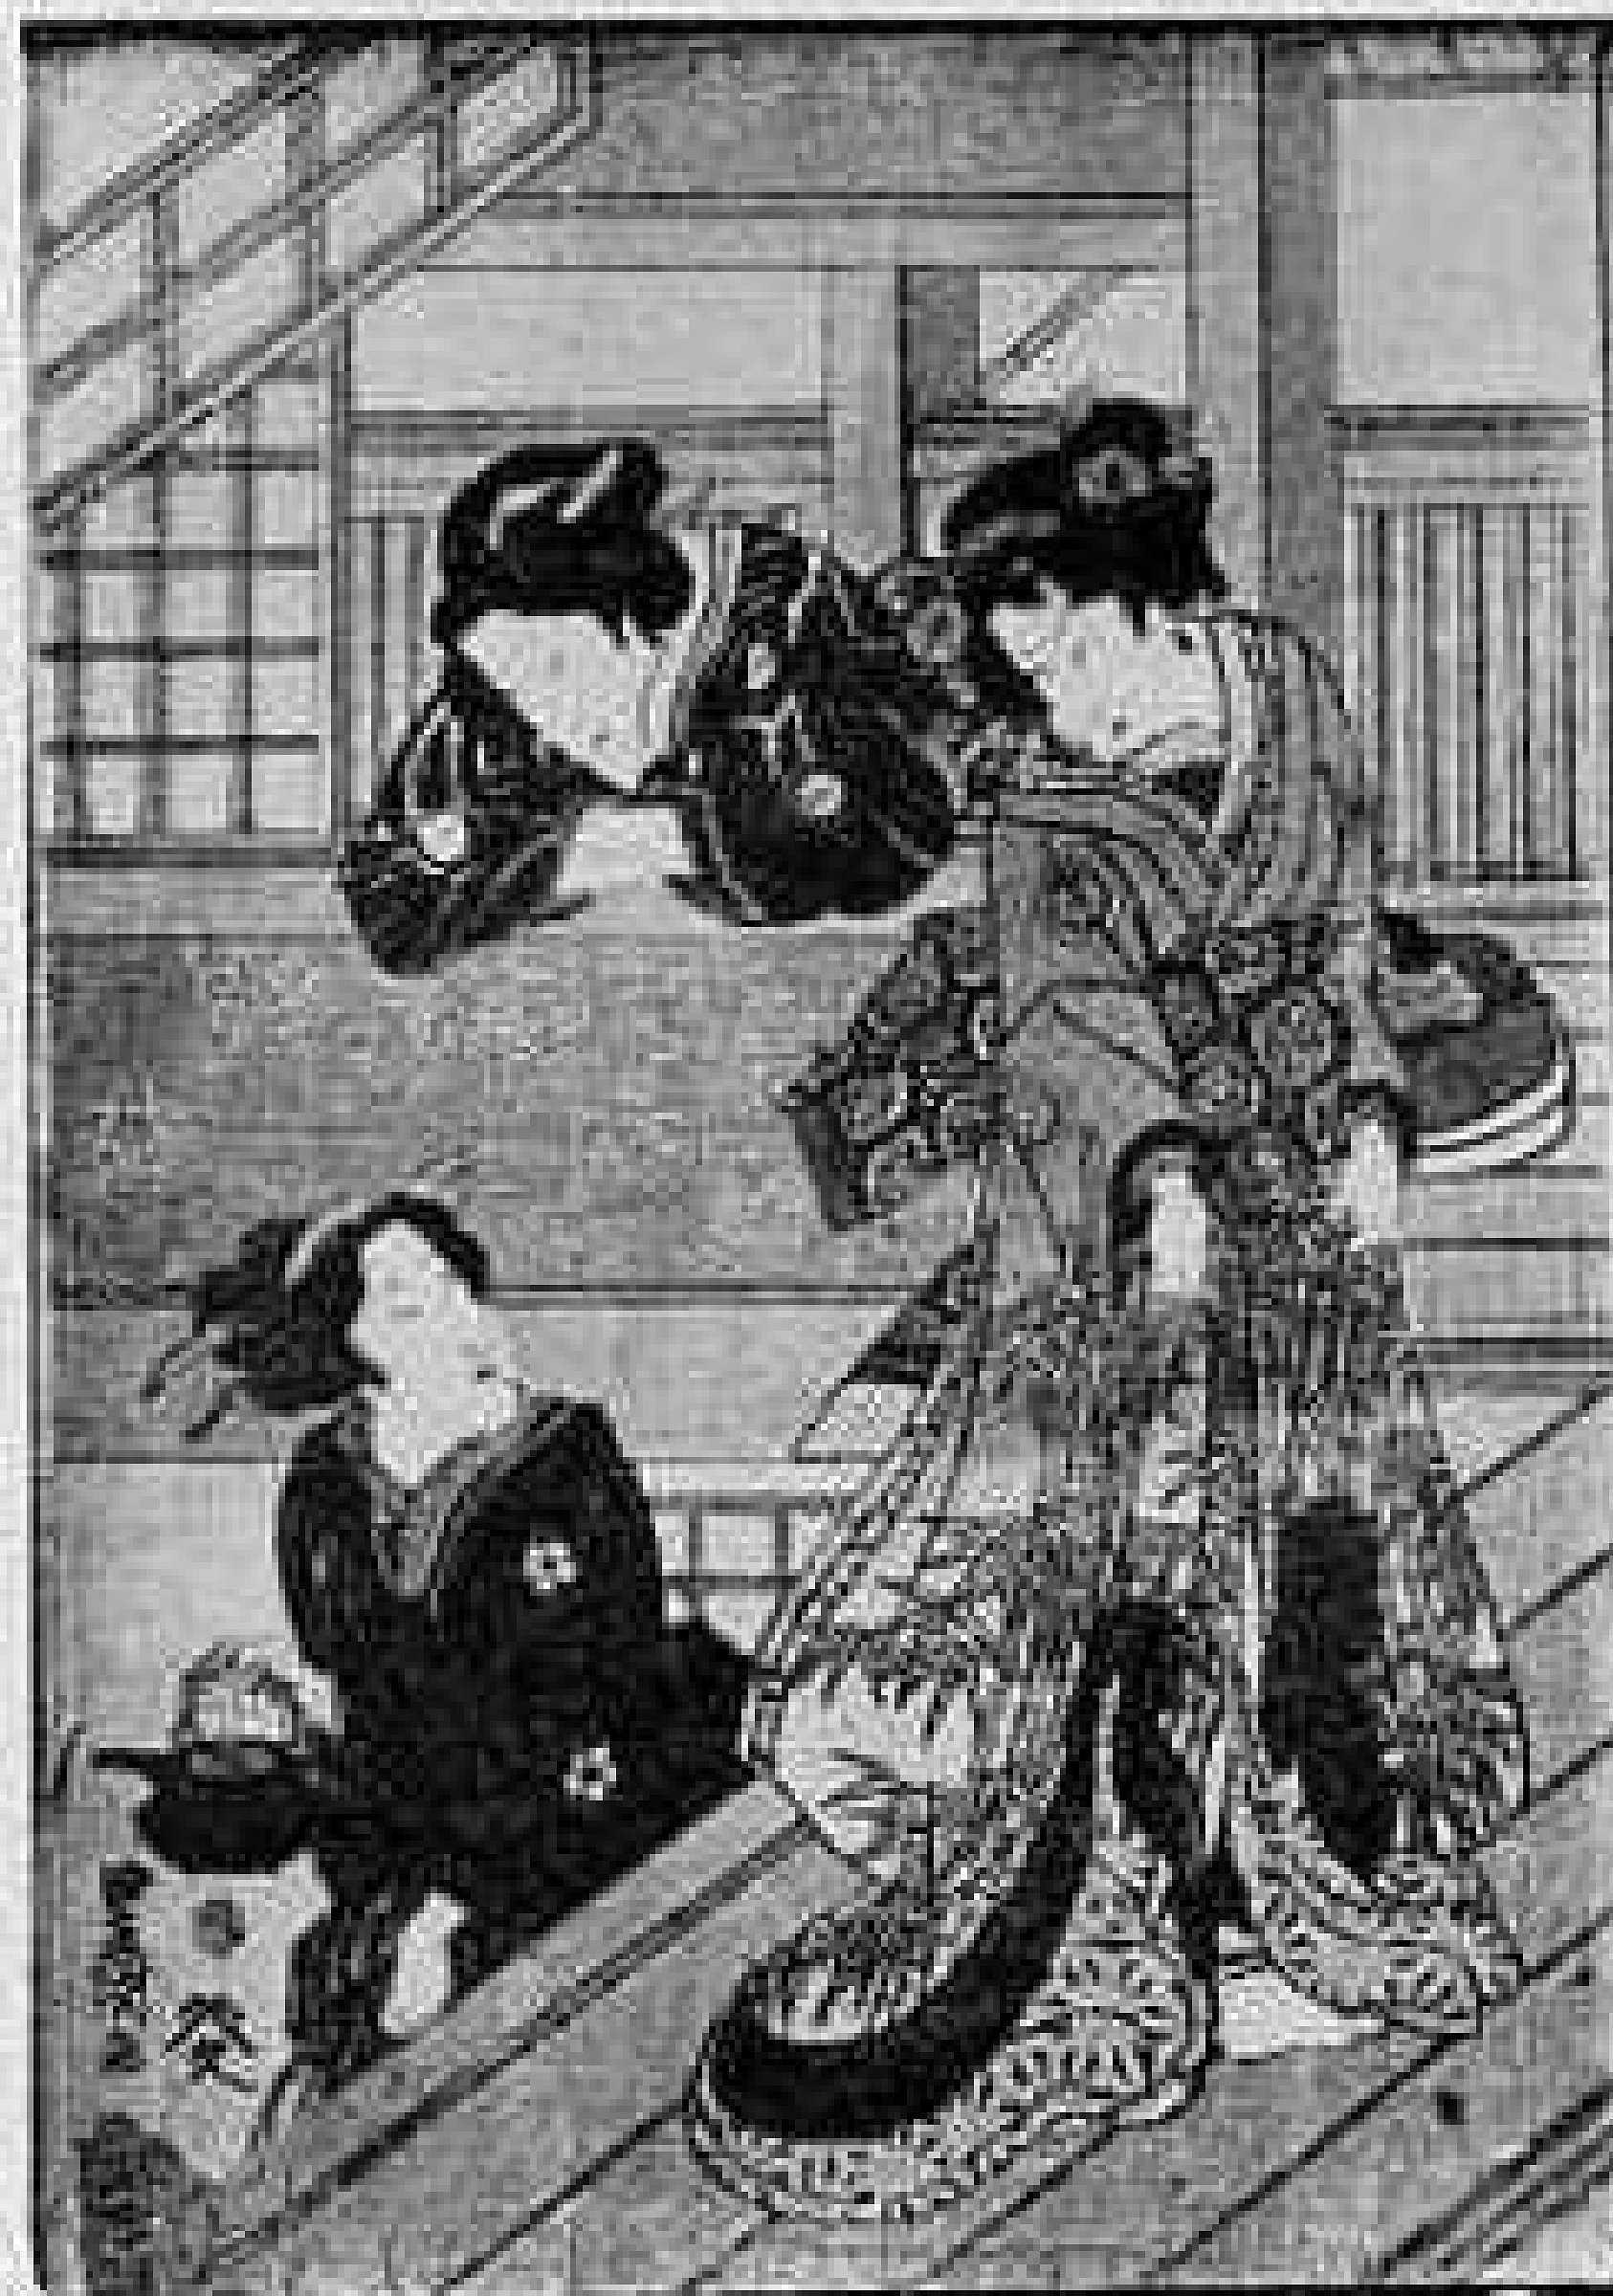 豊国: (かげまと御殿女中 左) - 立命館大学 - 浮世絵検索